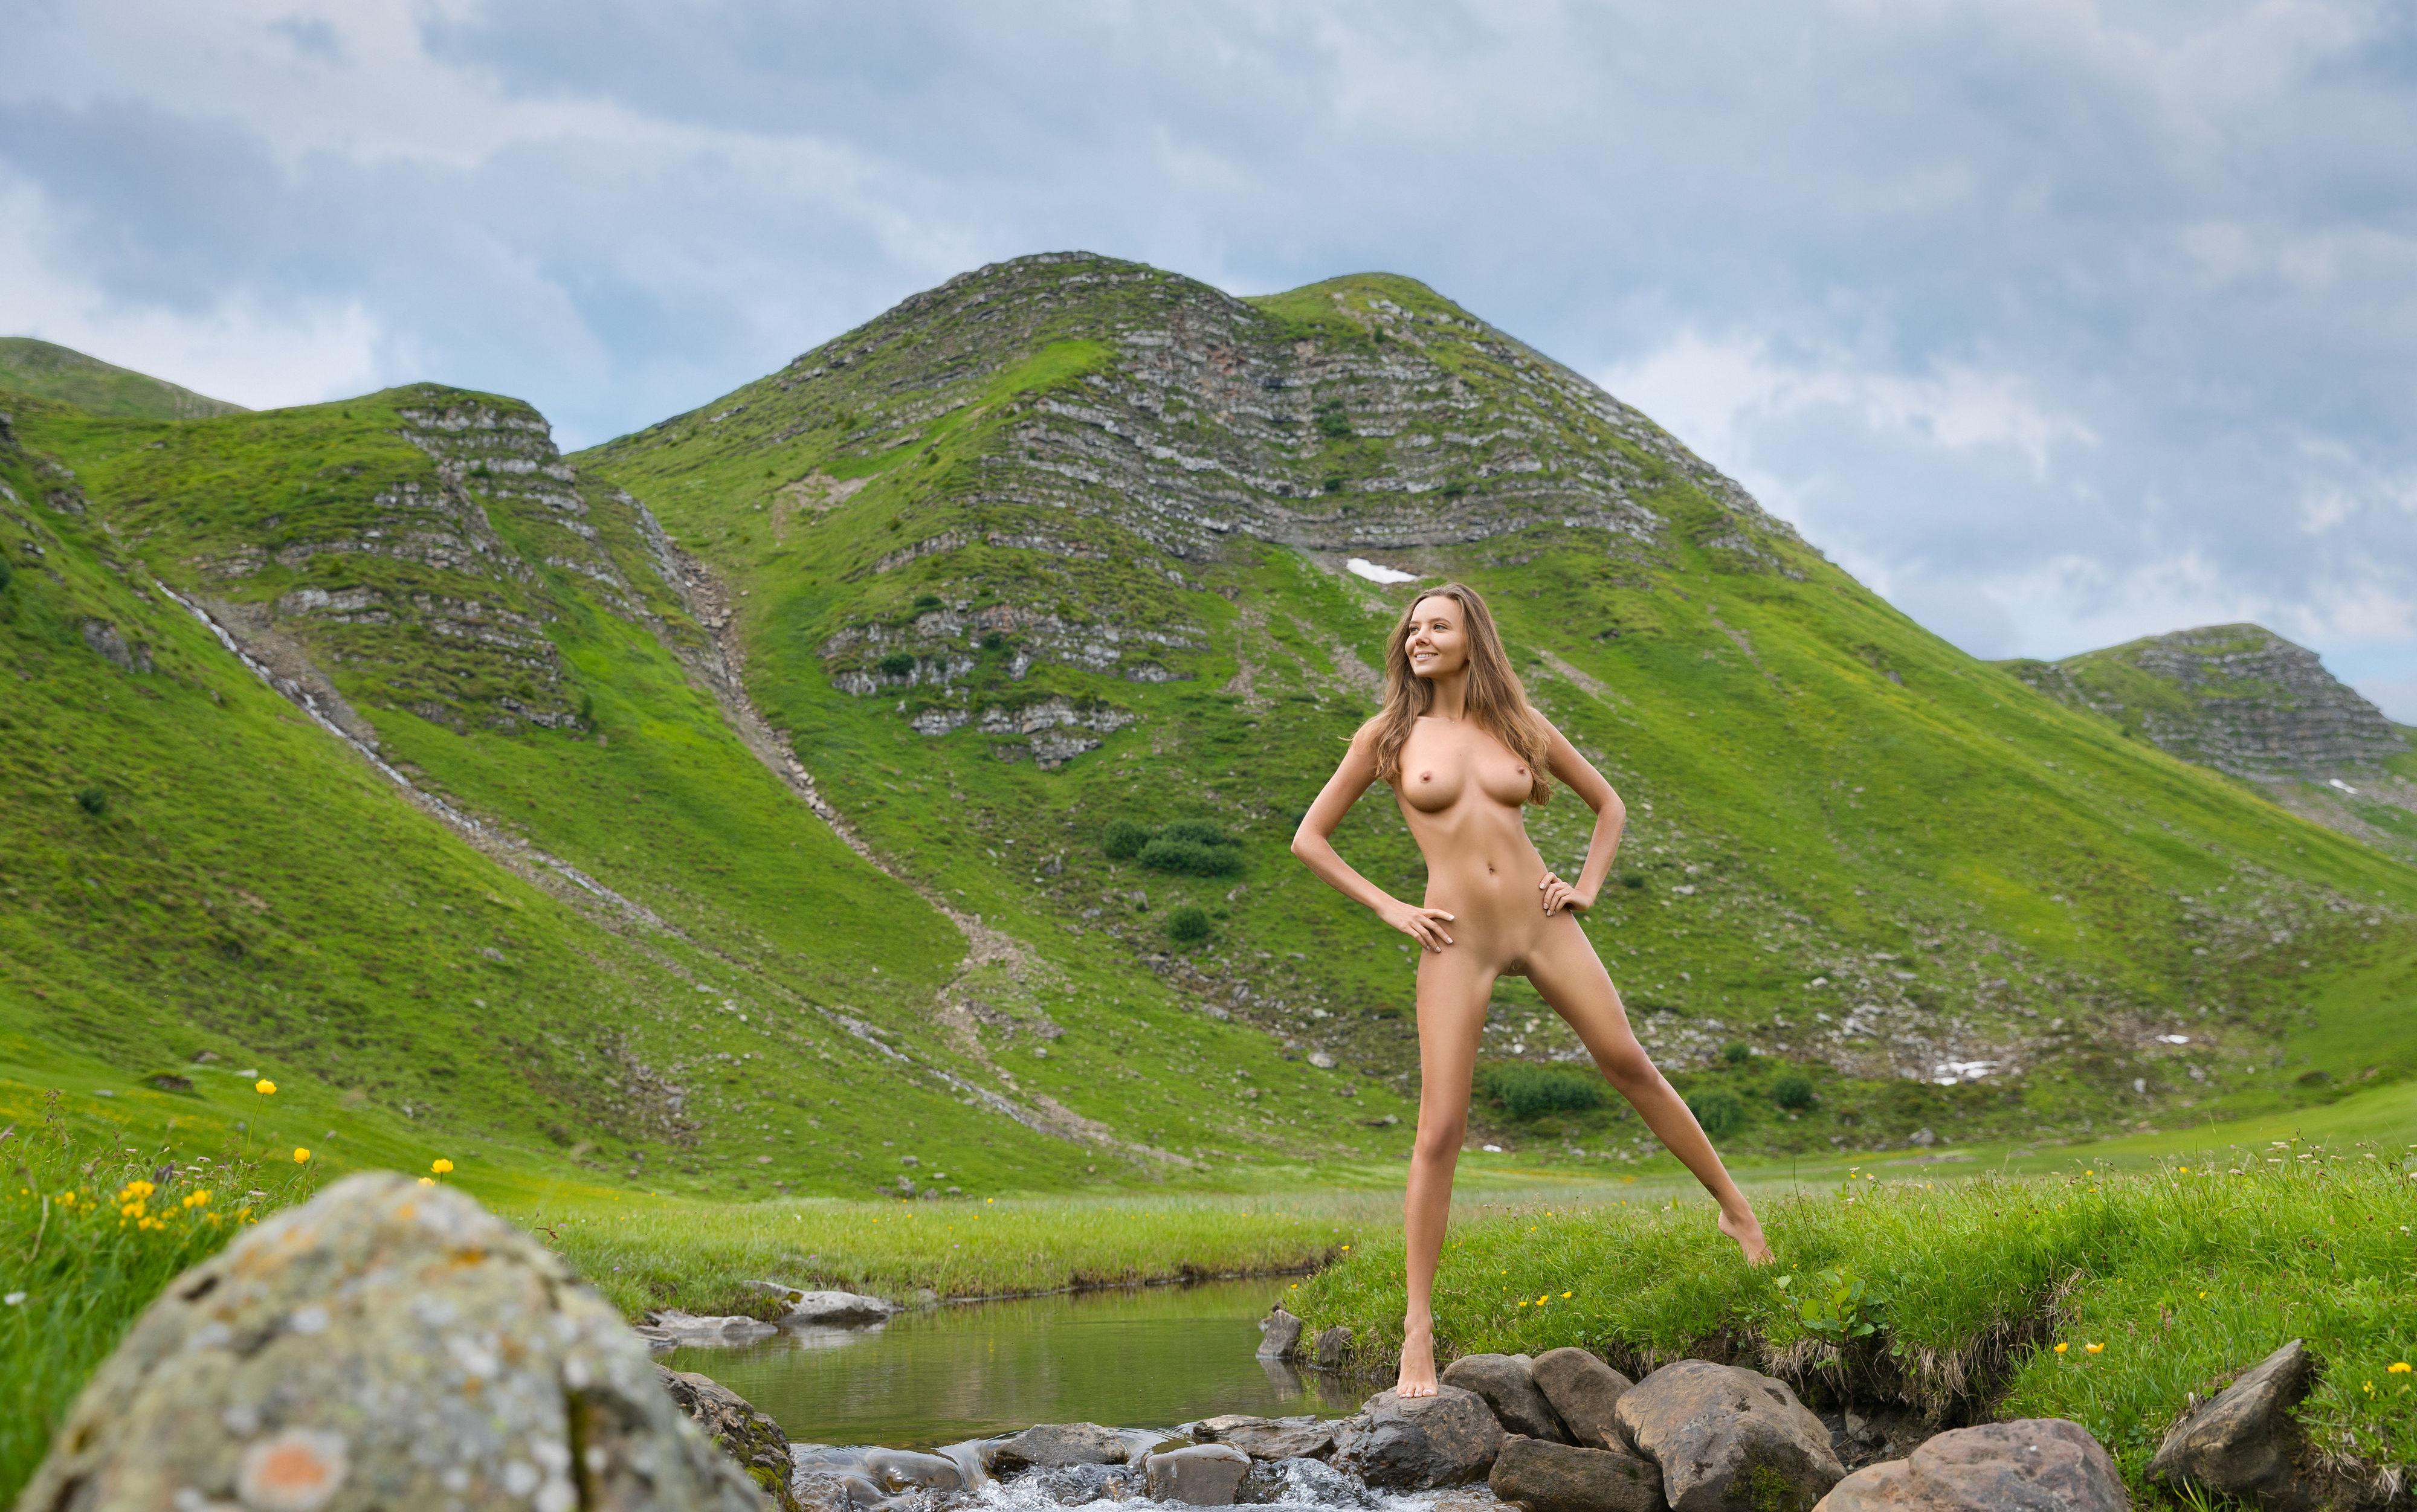 Audriana patridge nude pictures